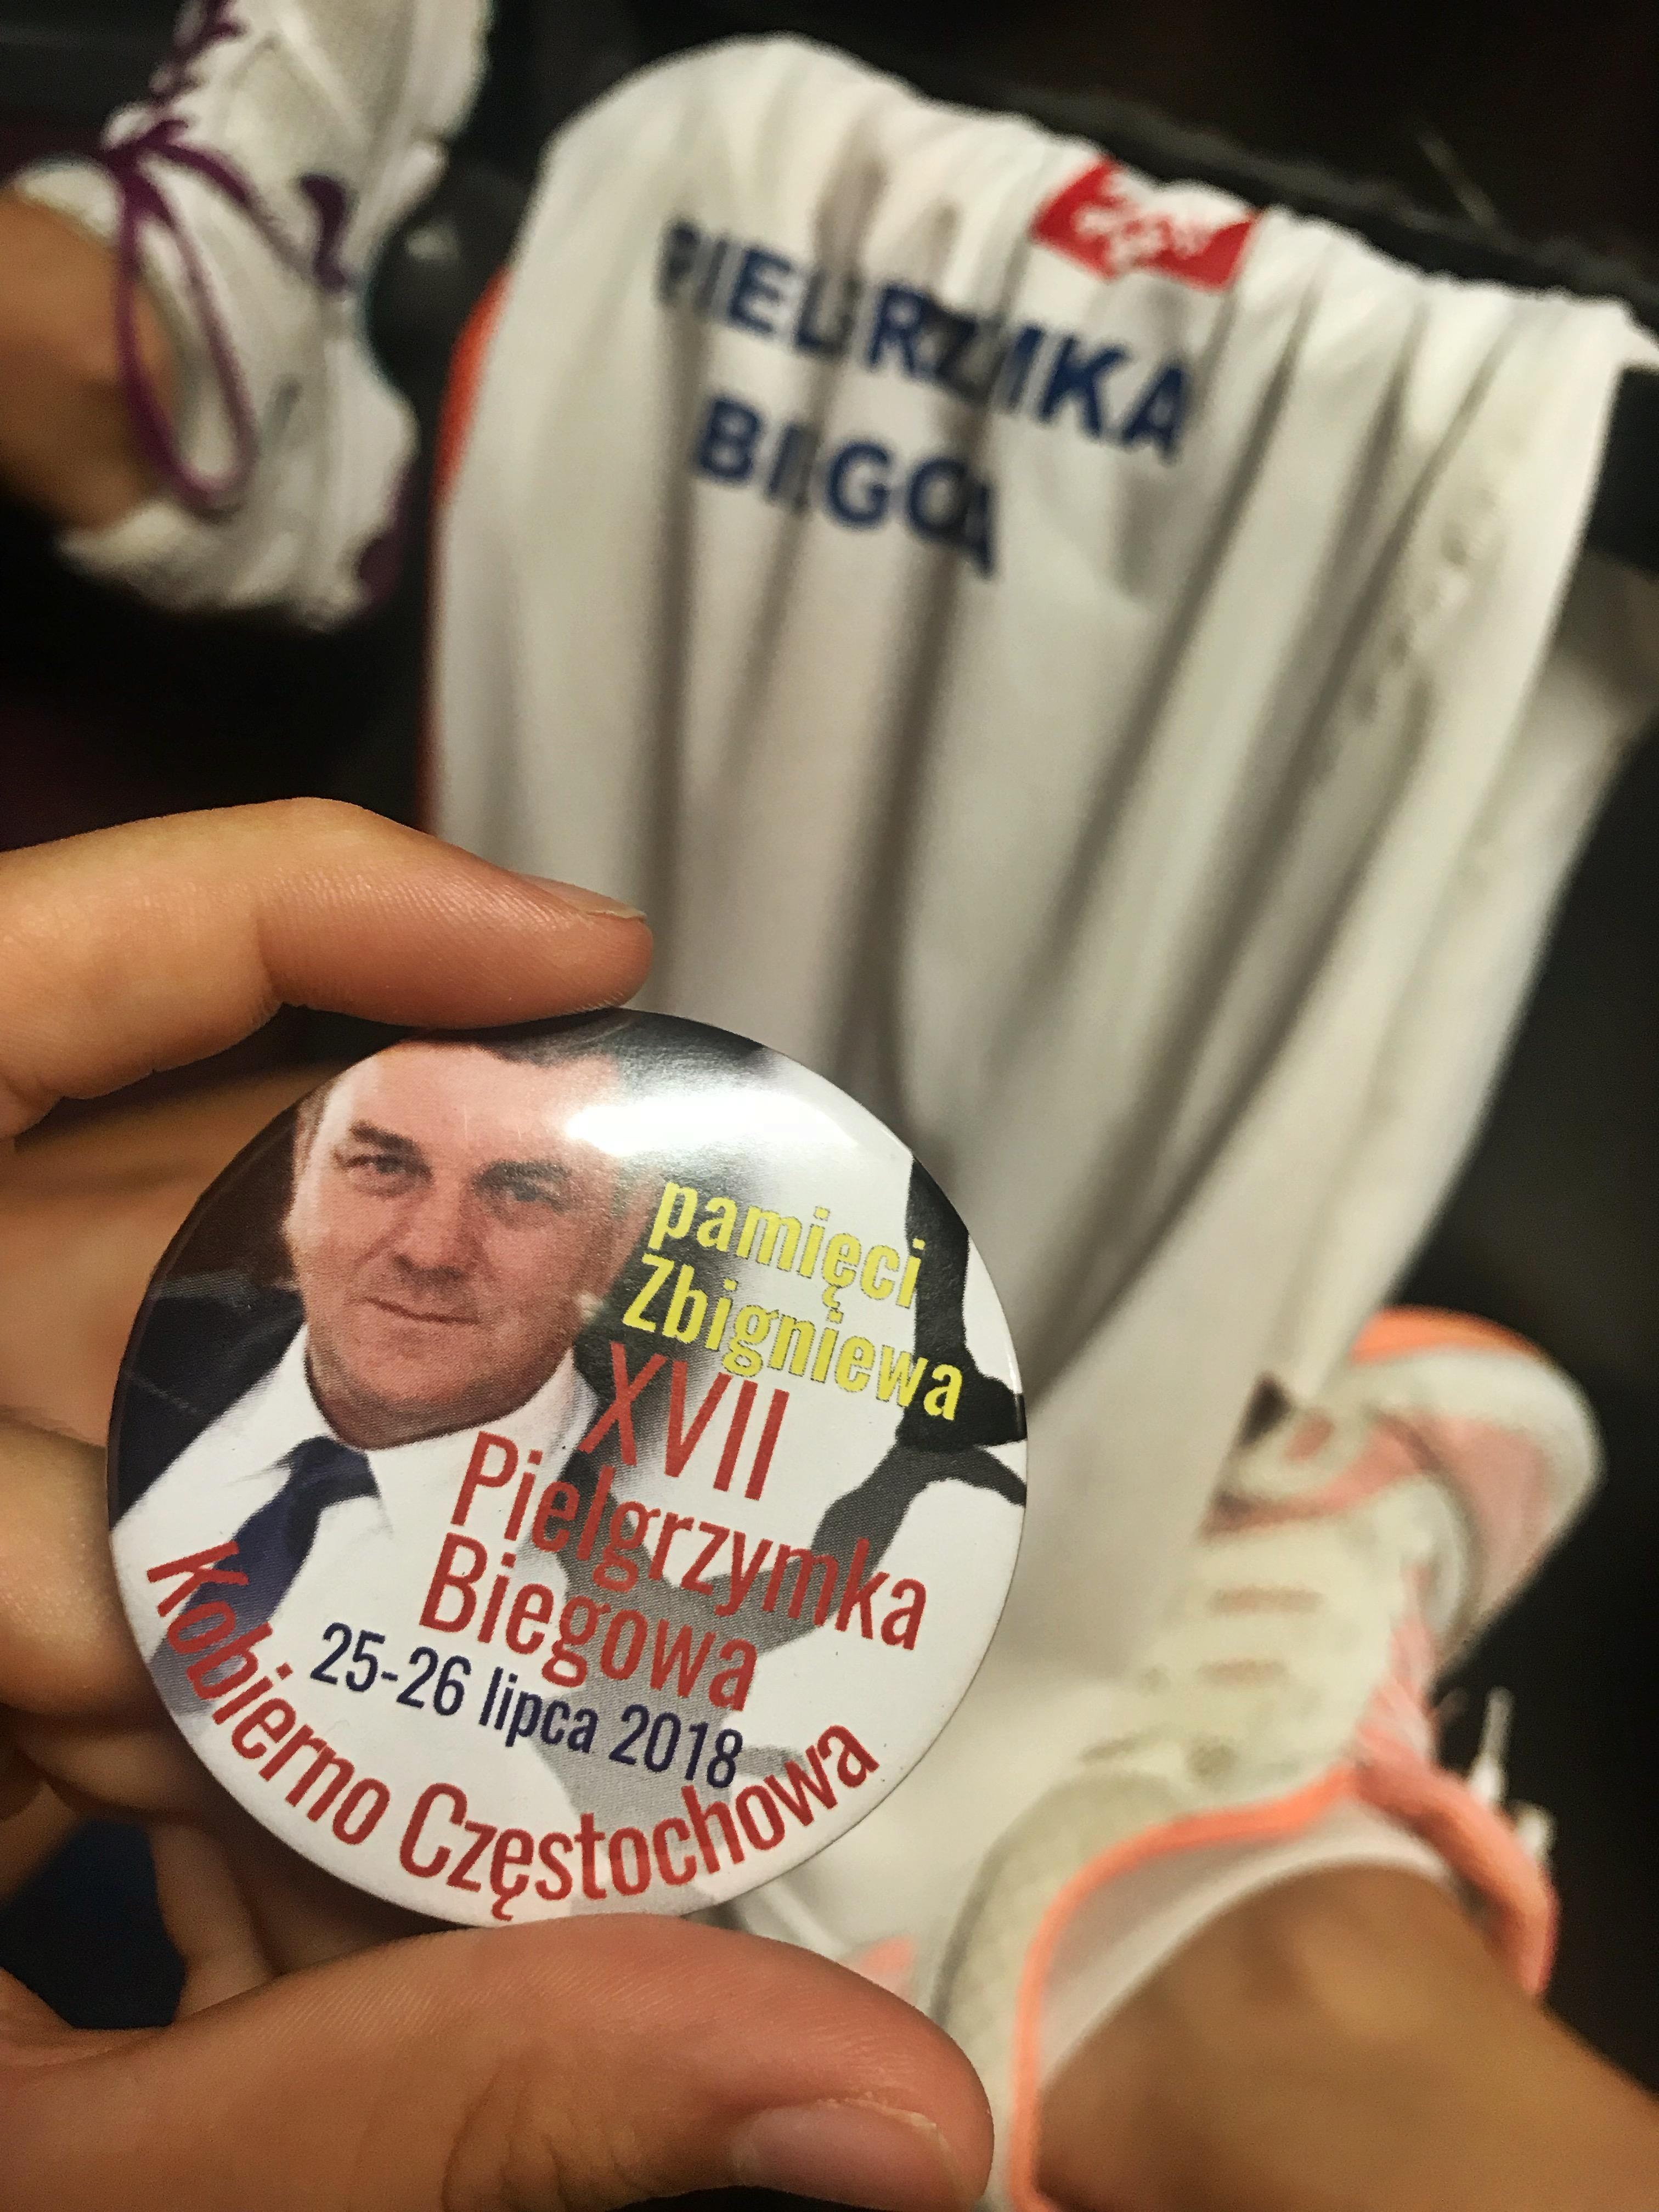 no-mlynarz.pl - pielgrzymka biegowa do częstochowy 4